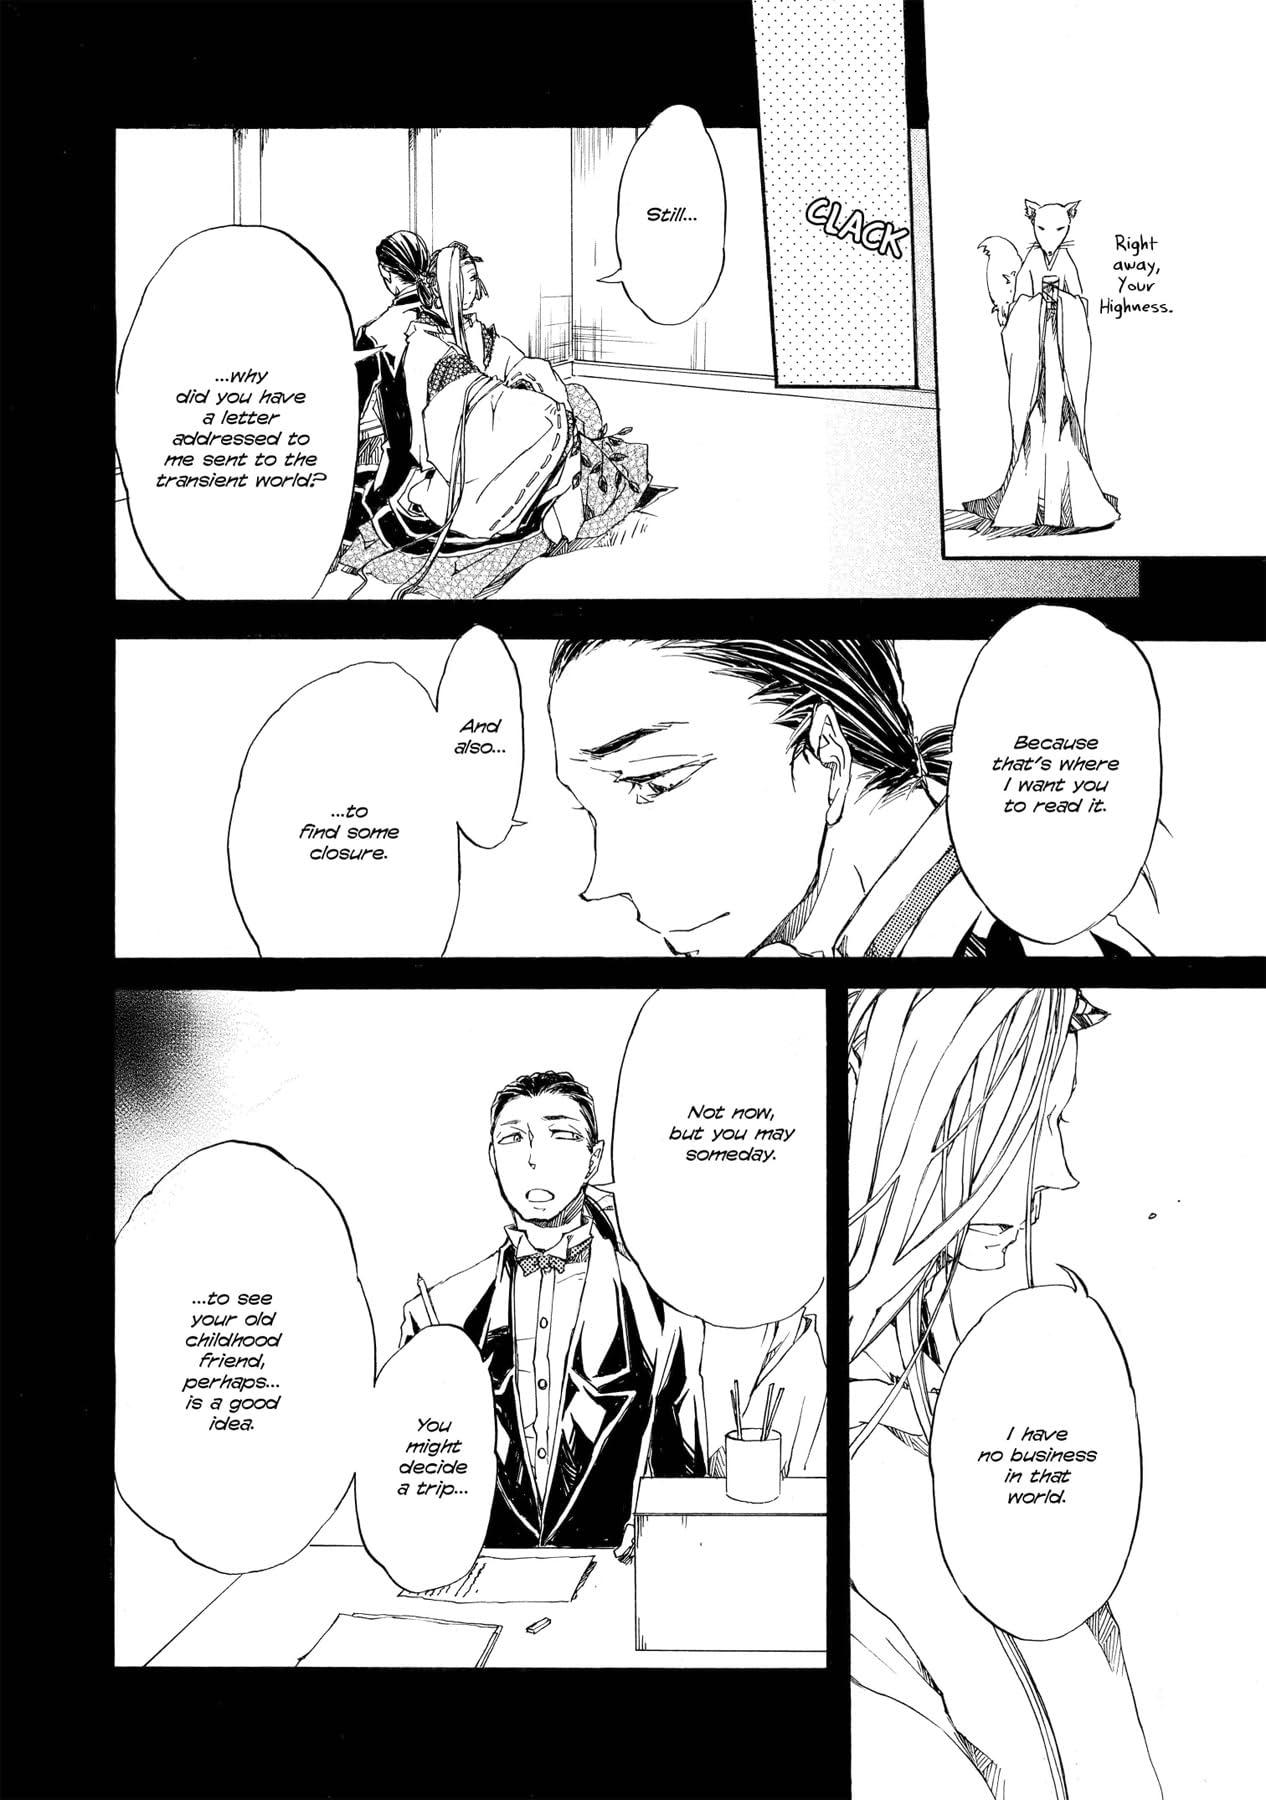 Midday Moon (Yaoi Manga) #5